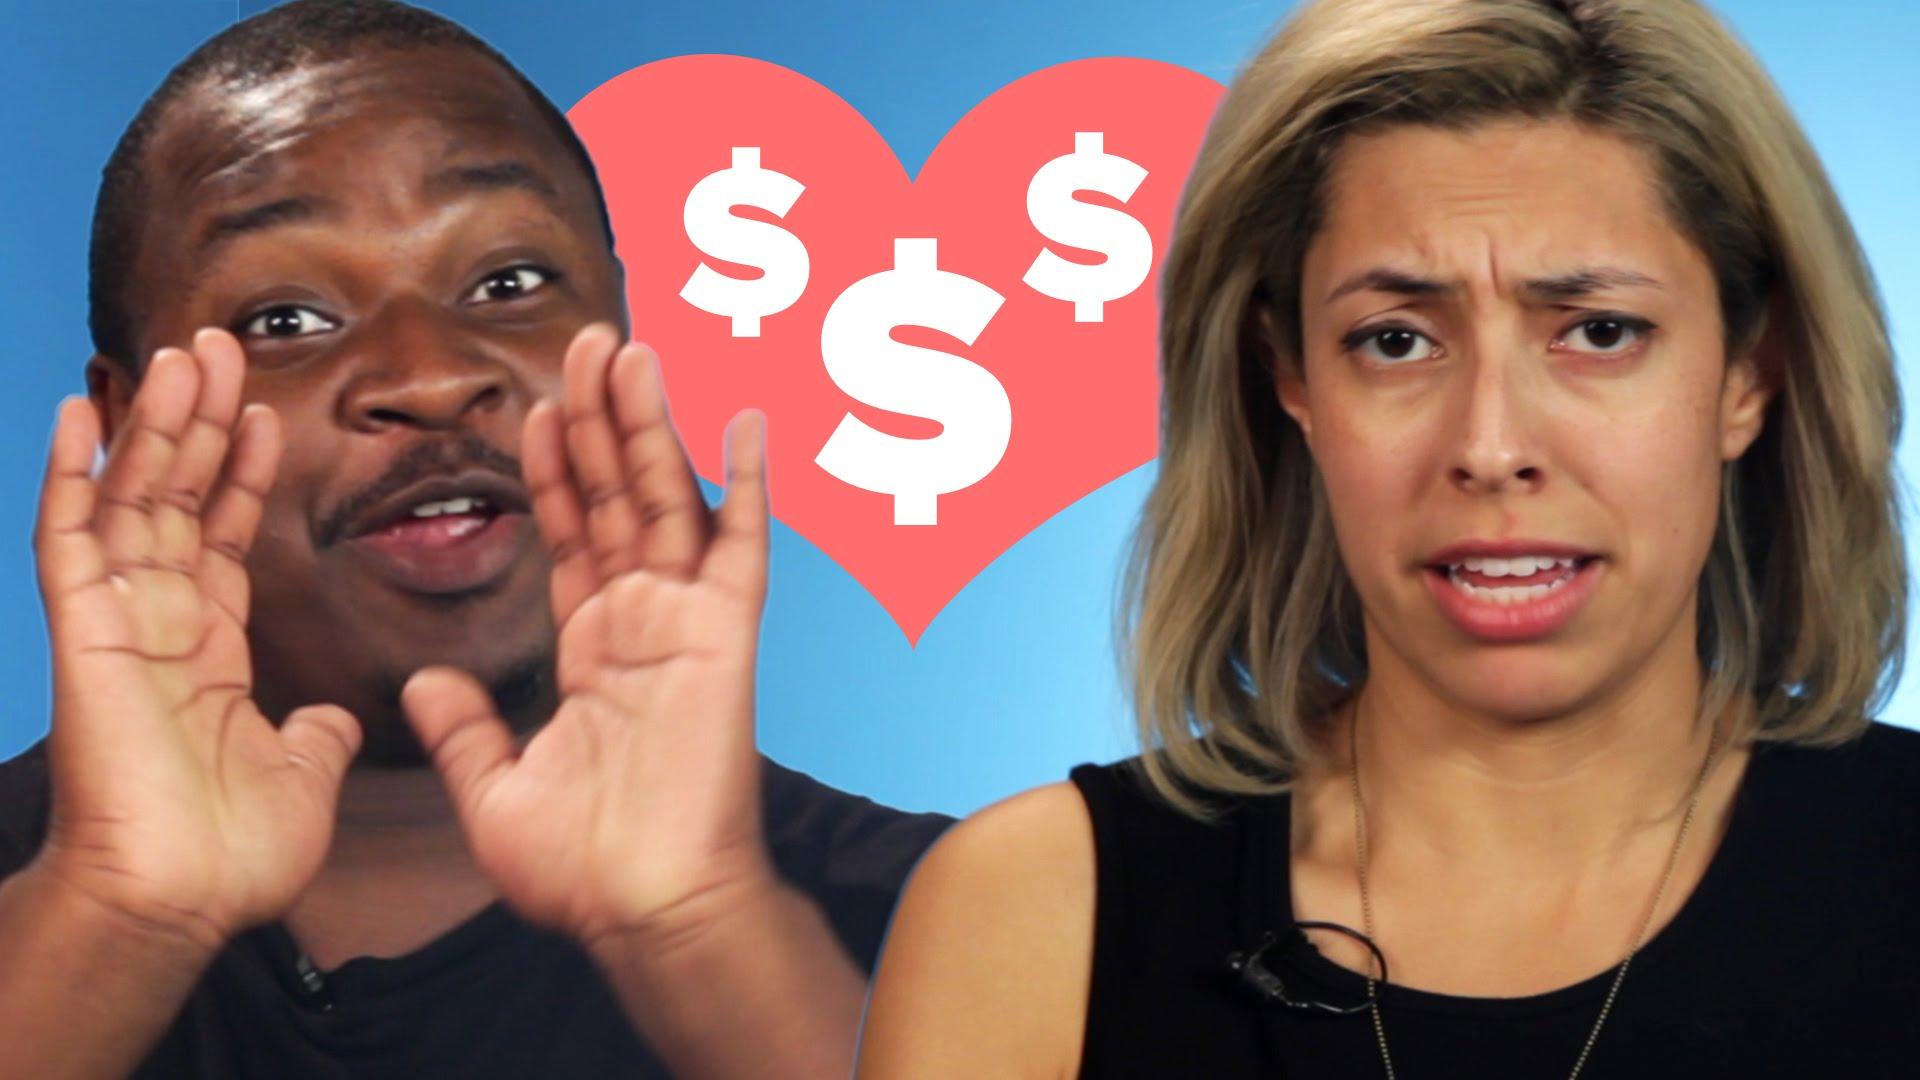 「男女糾察隊:第一次約會誰買單?」- Should Women Pay on the First Date?